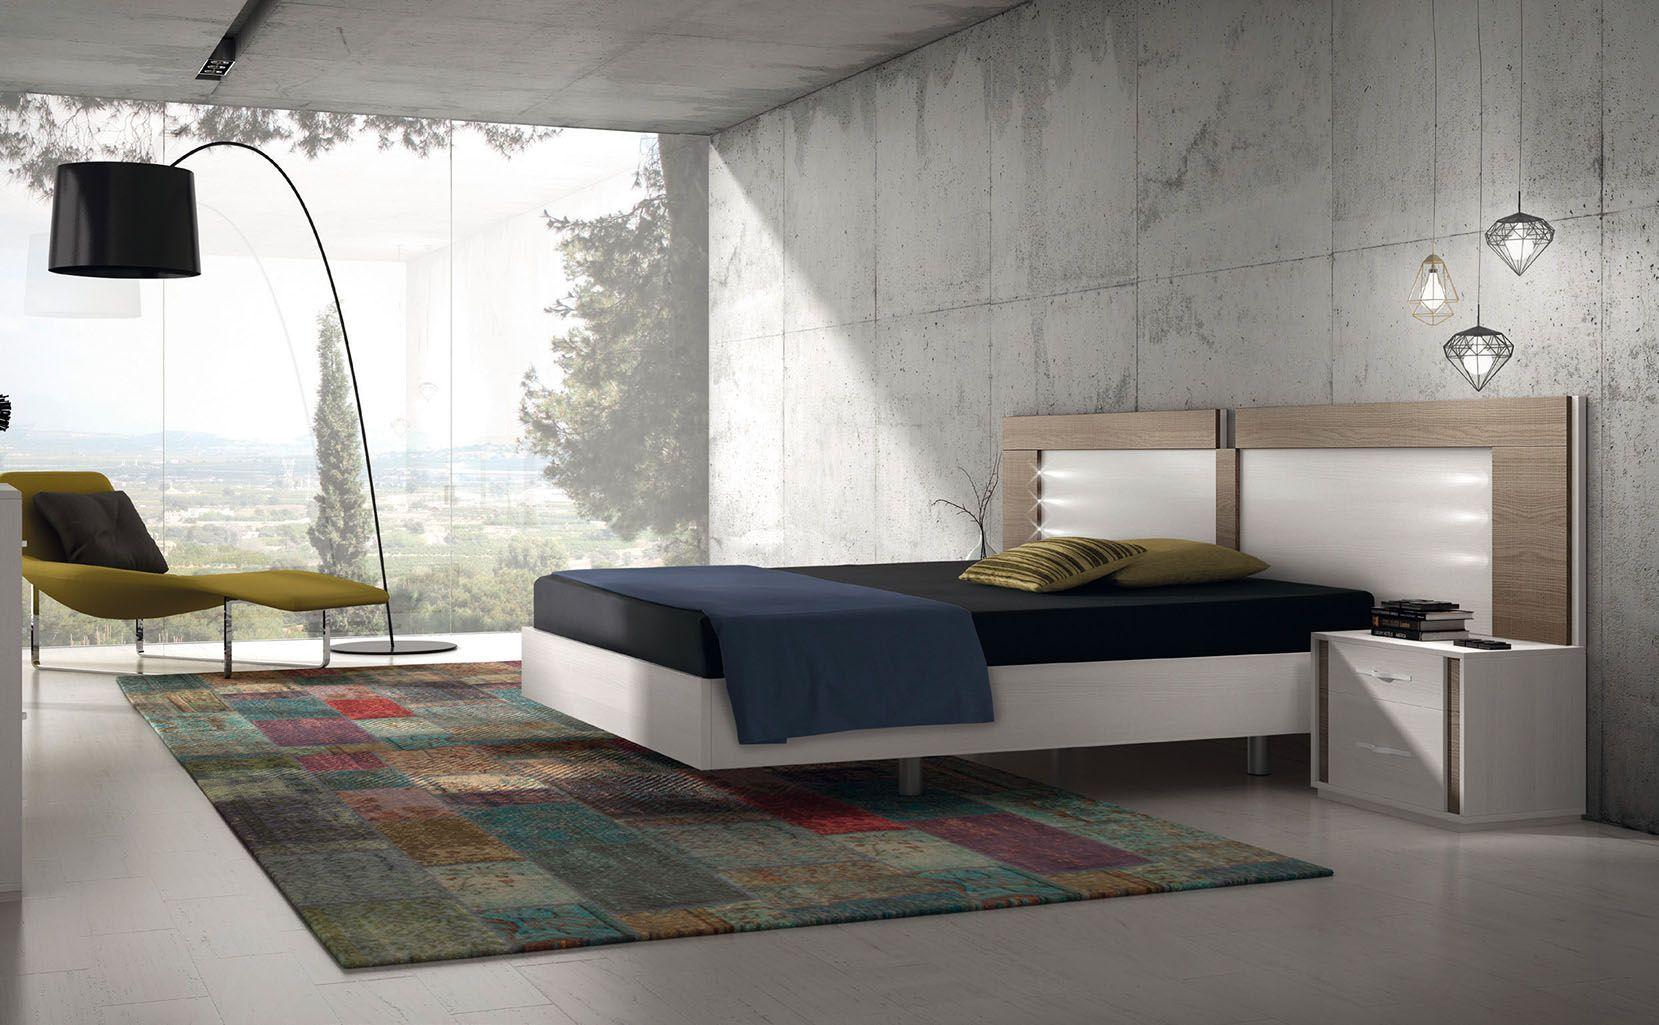 Dormitorios en 2019 dormitorios dormitorios muebles - Muebles casanova catalogo ...